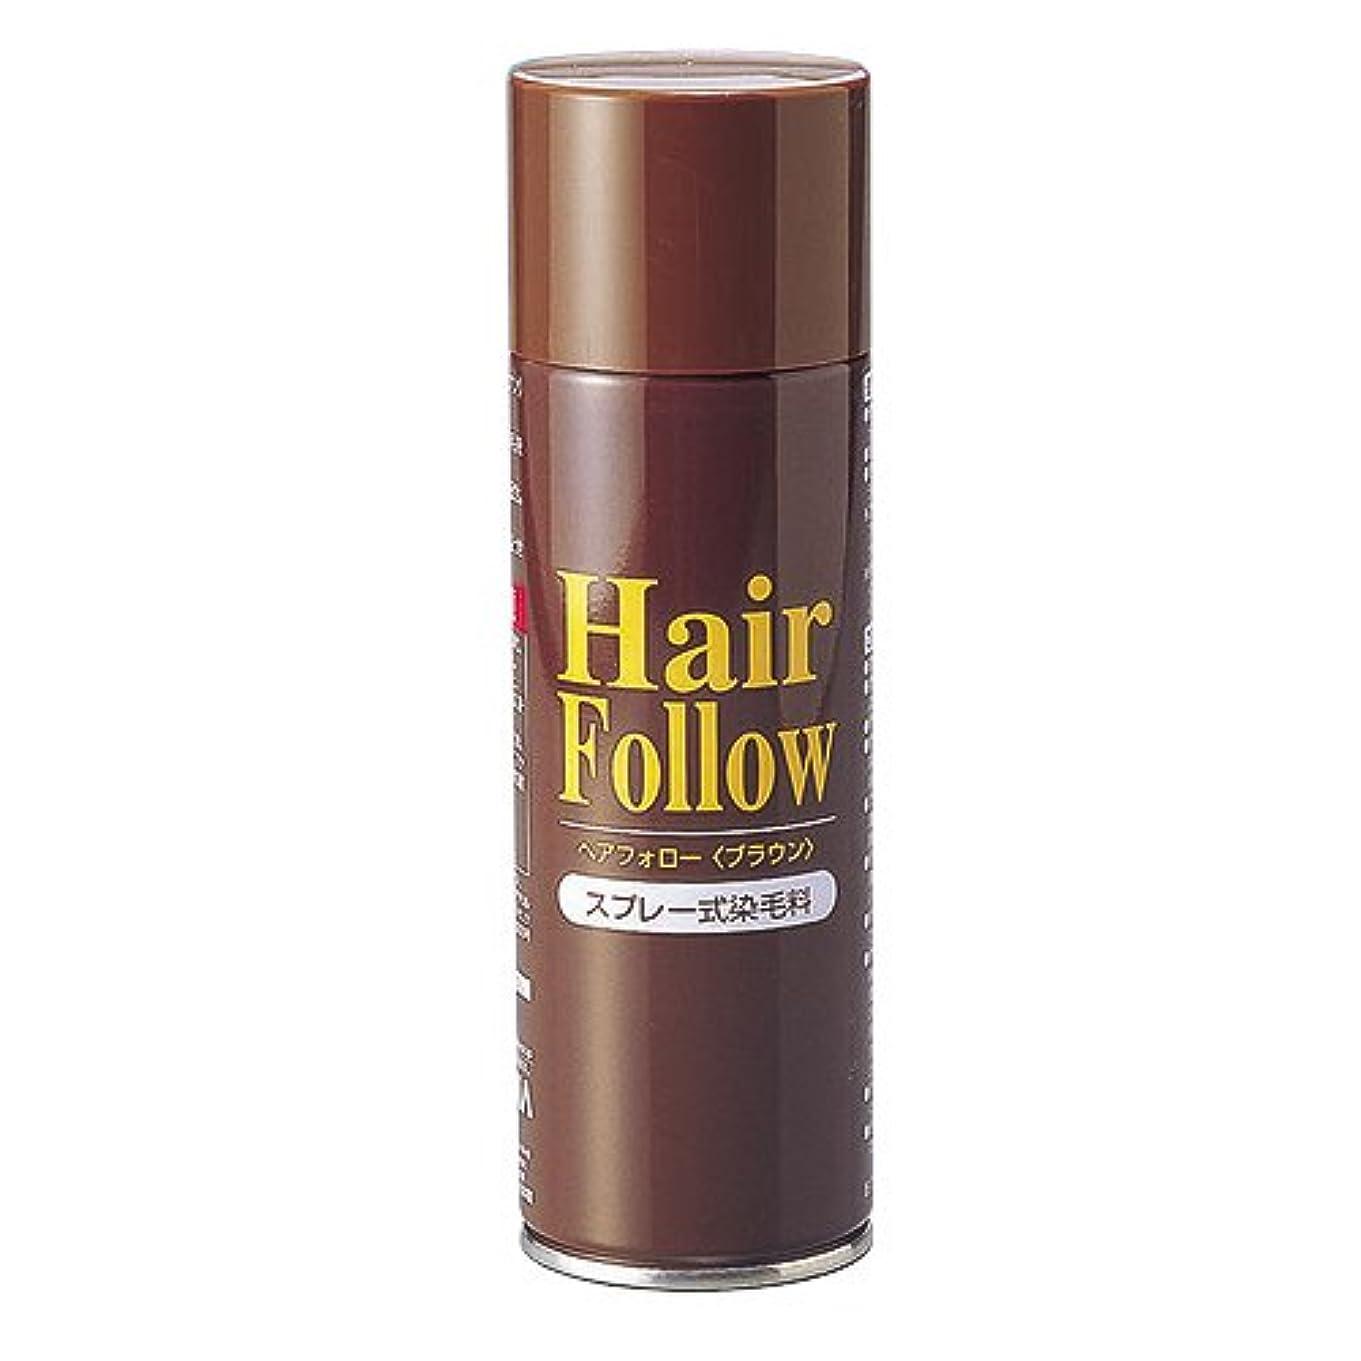 厚さ倒錯ホラーヘアフォロースプレー ブラウン